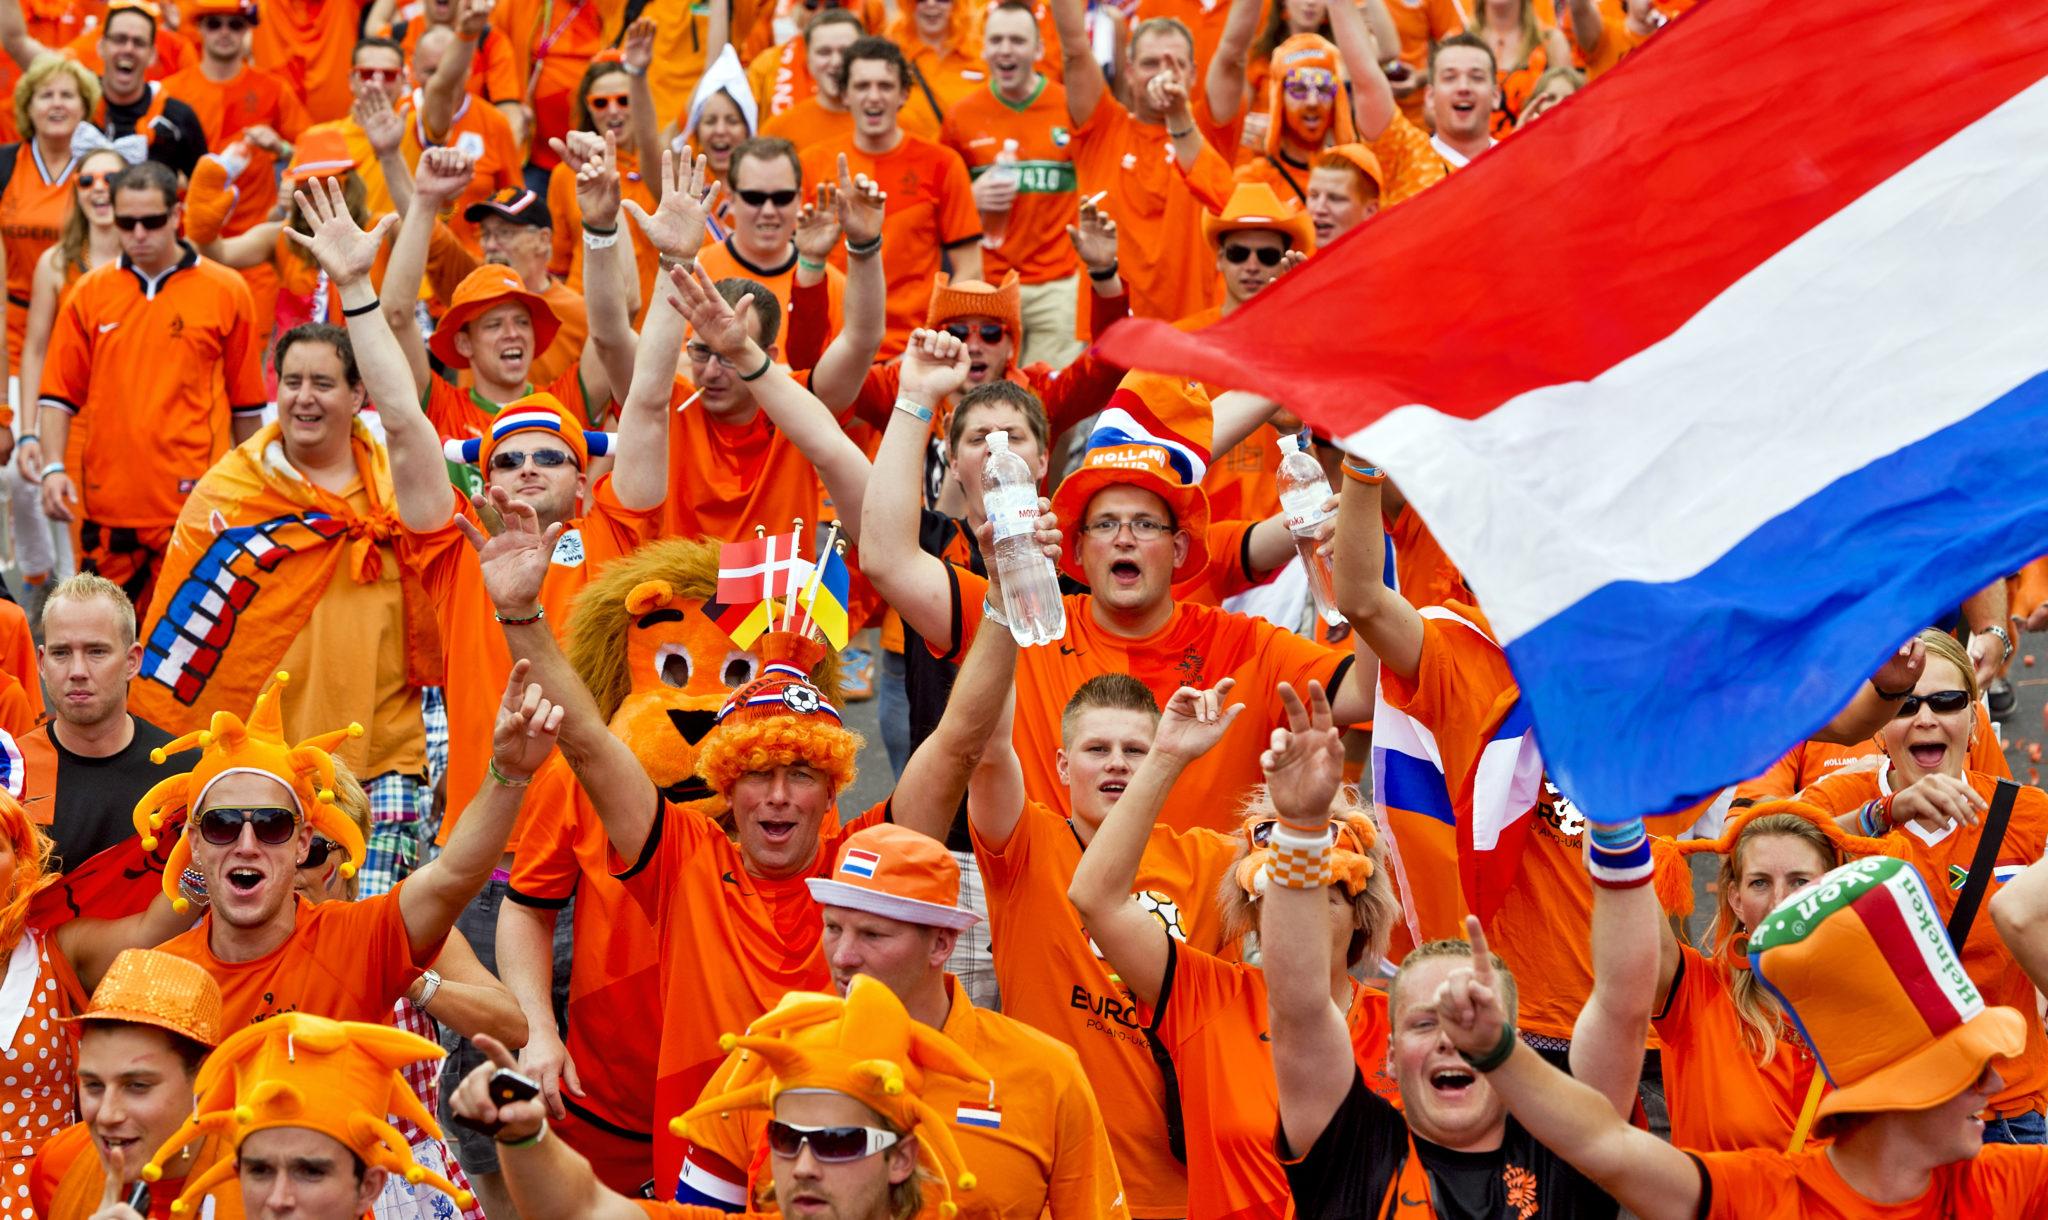 Ik ben er trots op een Nederlander te zijn' - EW